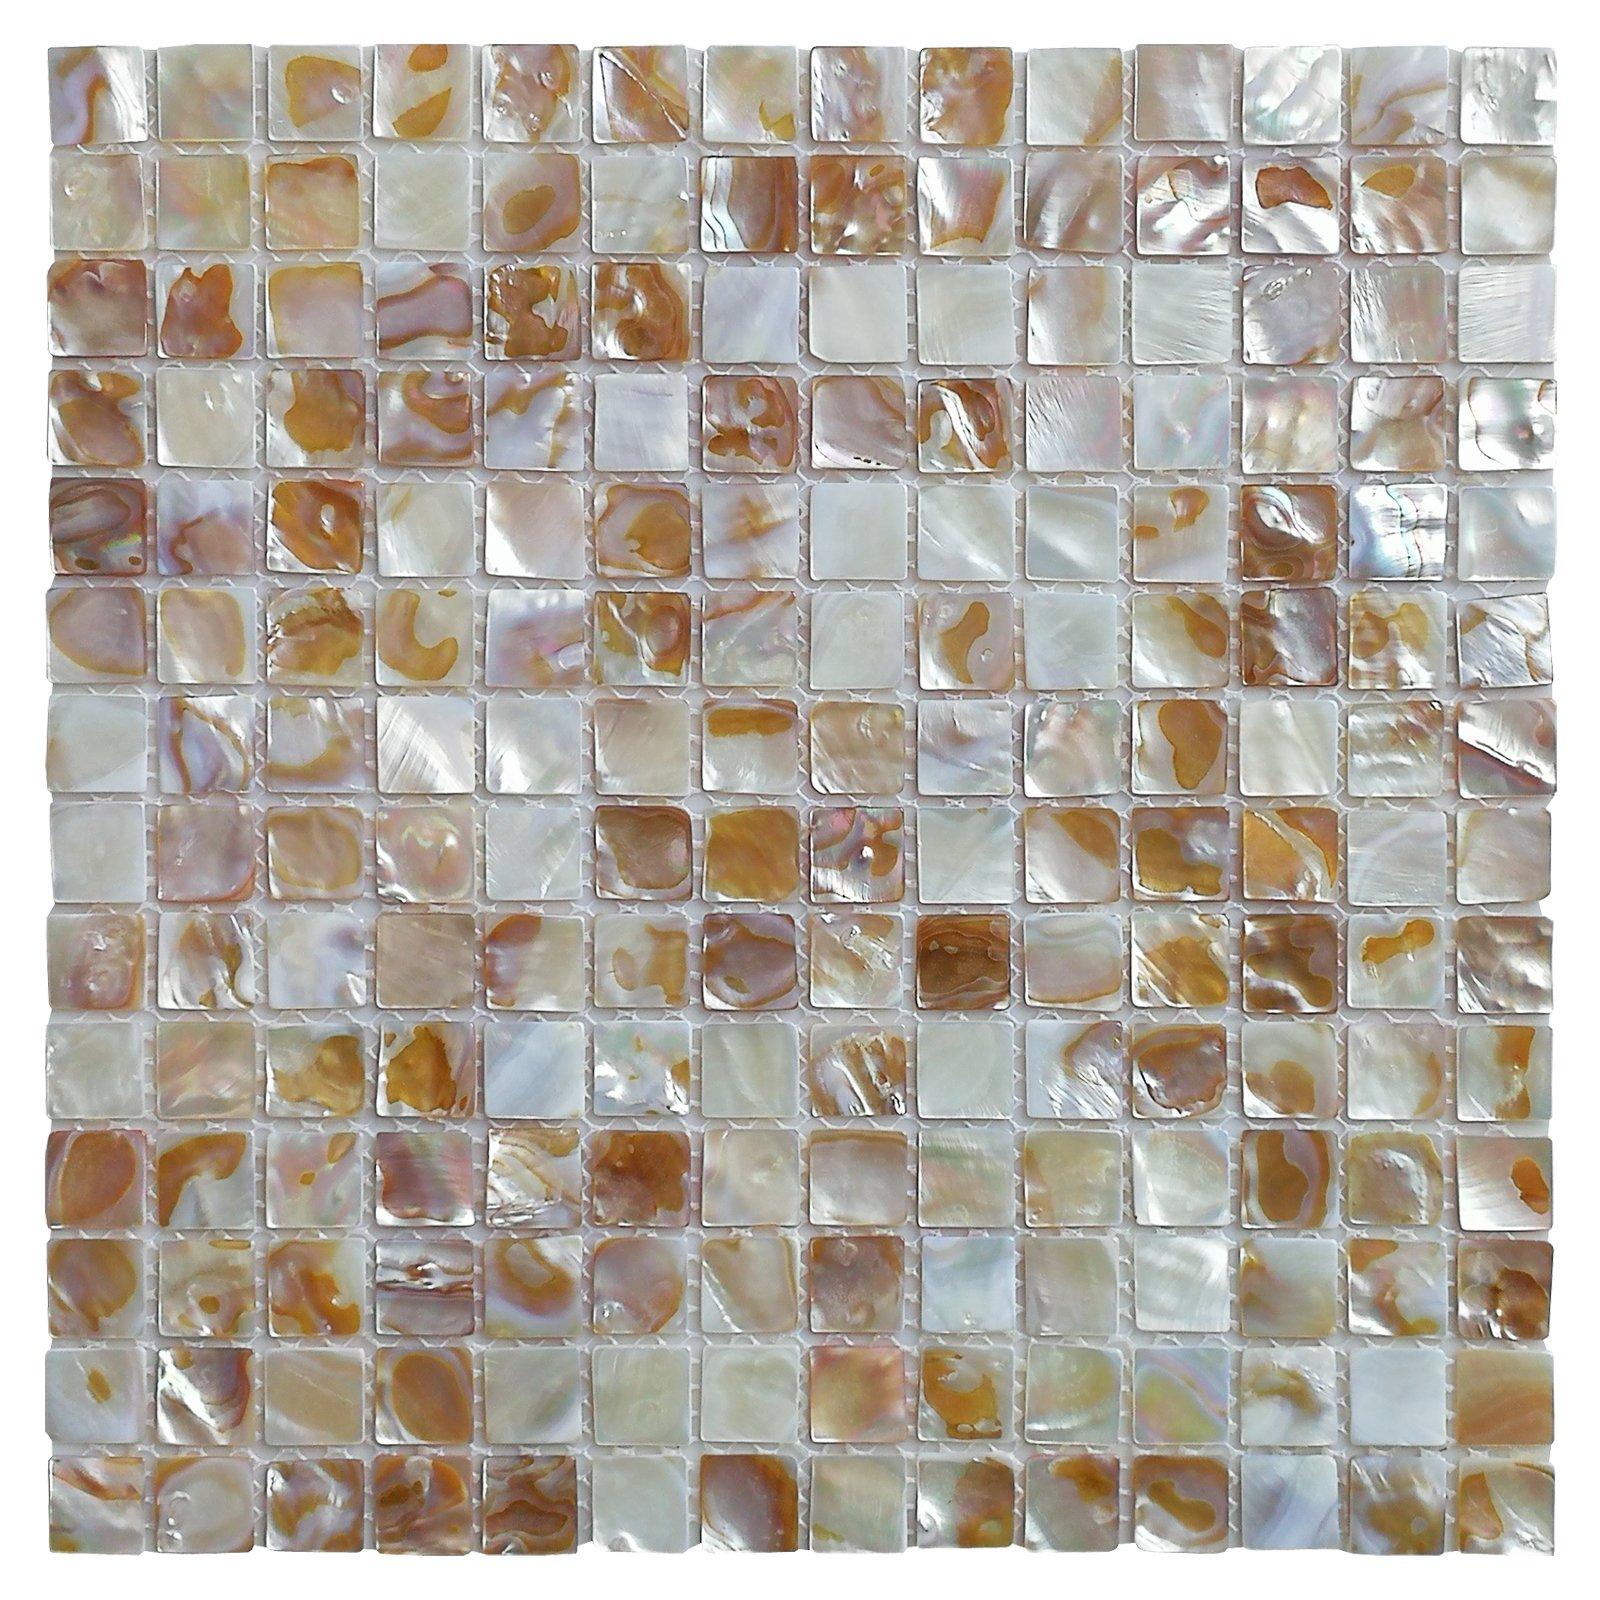 Art3d 6-Pack Natural Mother of Pearl Backsplash Tile for Kitchen, Bathroom Walls, Spa Tile, Pool Tile, 0.8''x0.8'' Chip by Art3d (Image #1)